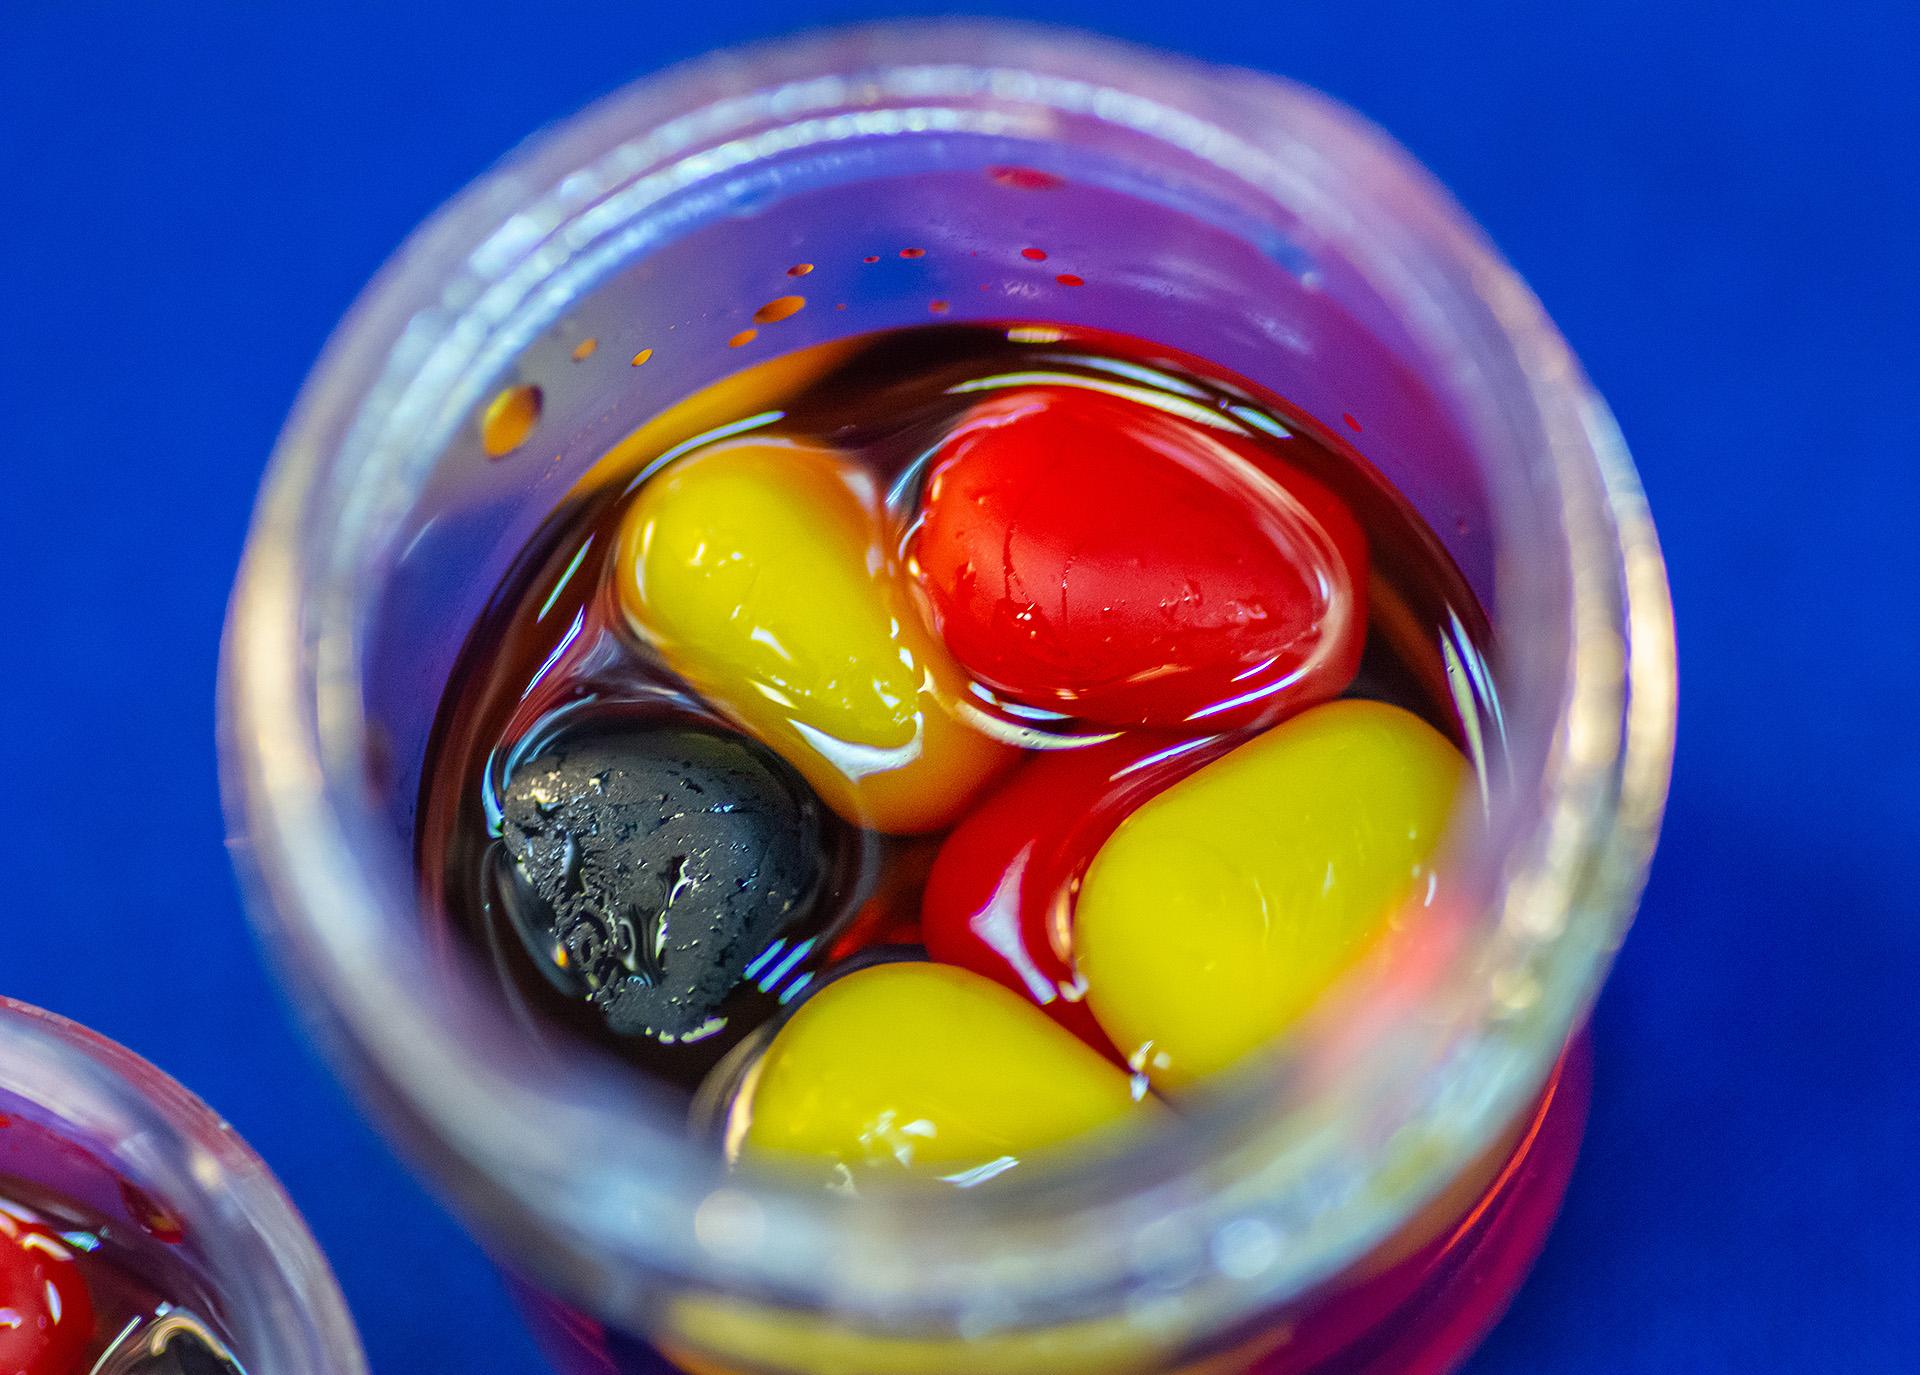 Ezekben 3 különböző színű: piros, sárga és fekete csalik vannak egy tégelyen belül